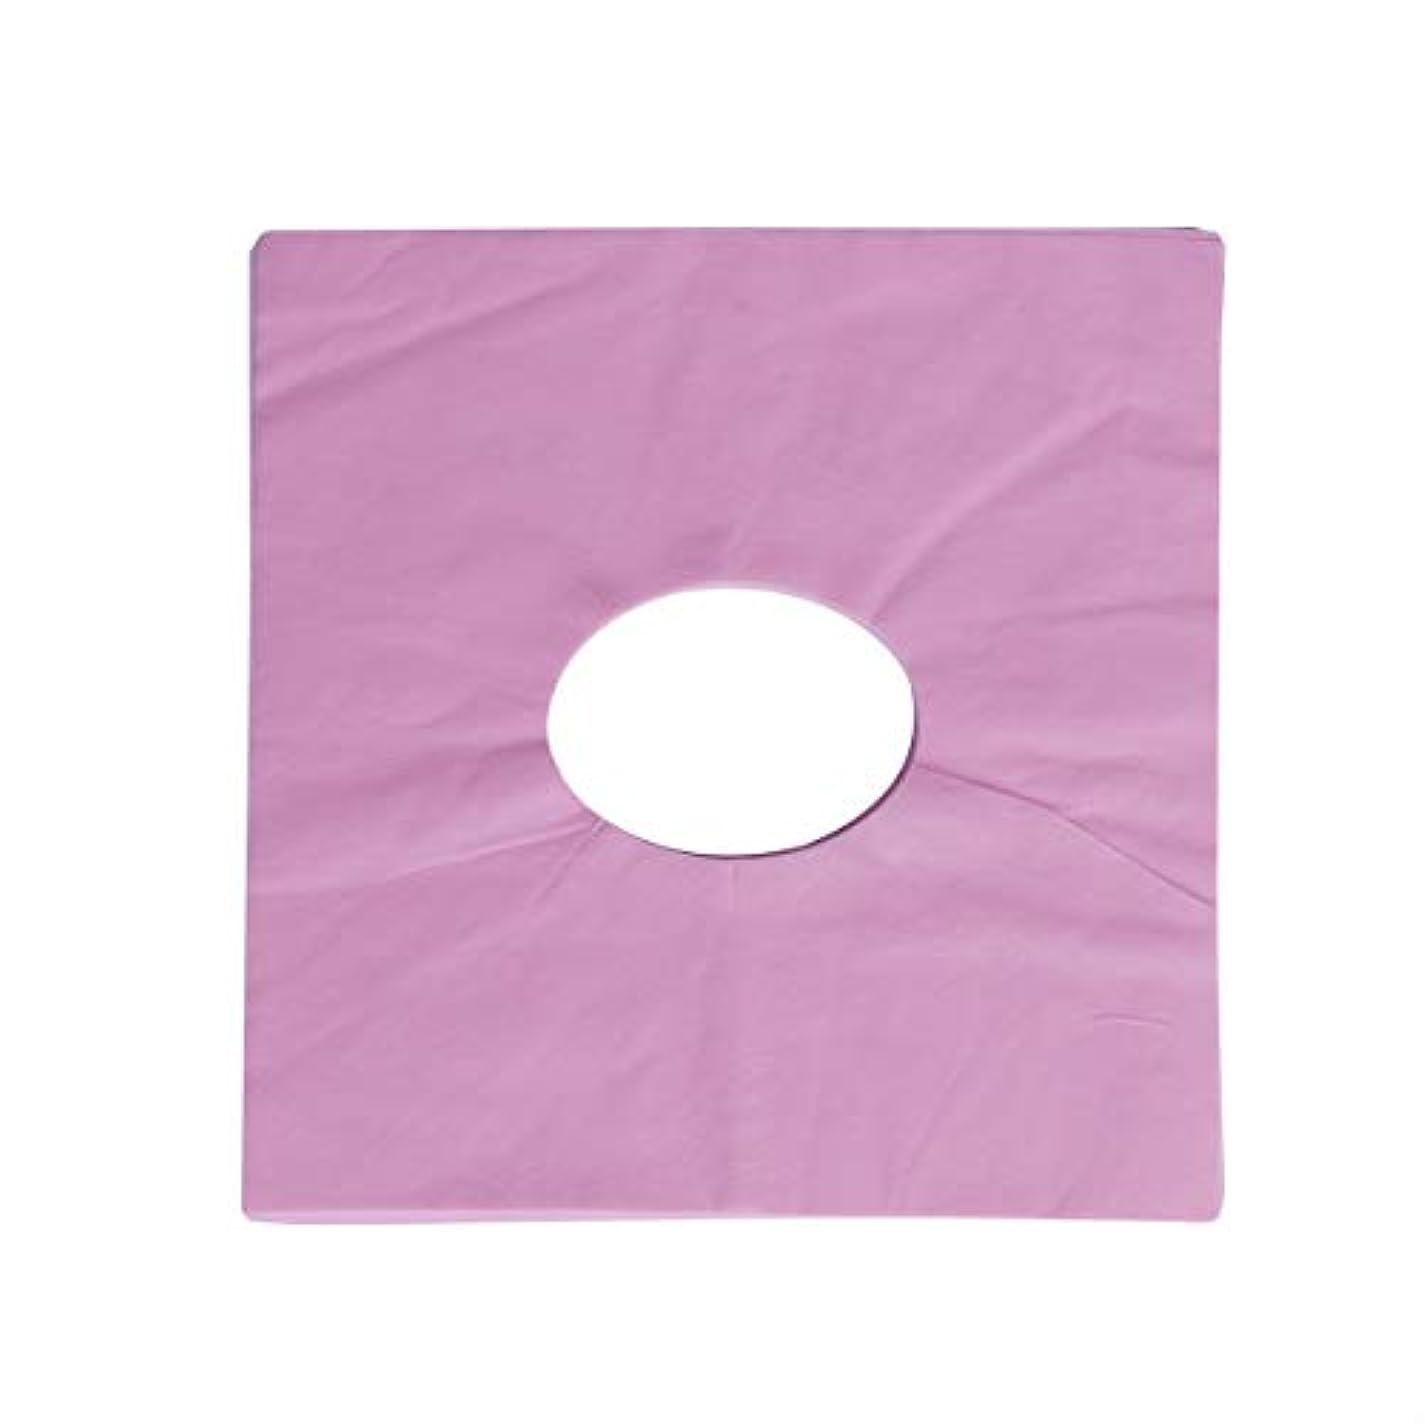 呼吸する名前を作るチートSUPVOX 100ピース使い捨てマッサージフェイスクレードルカバーフェイスマッサージヘッドレストカバー用スパ美容院マッサージ(ピンク)